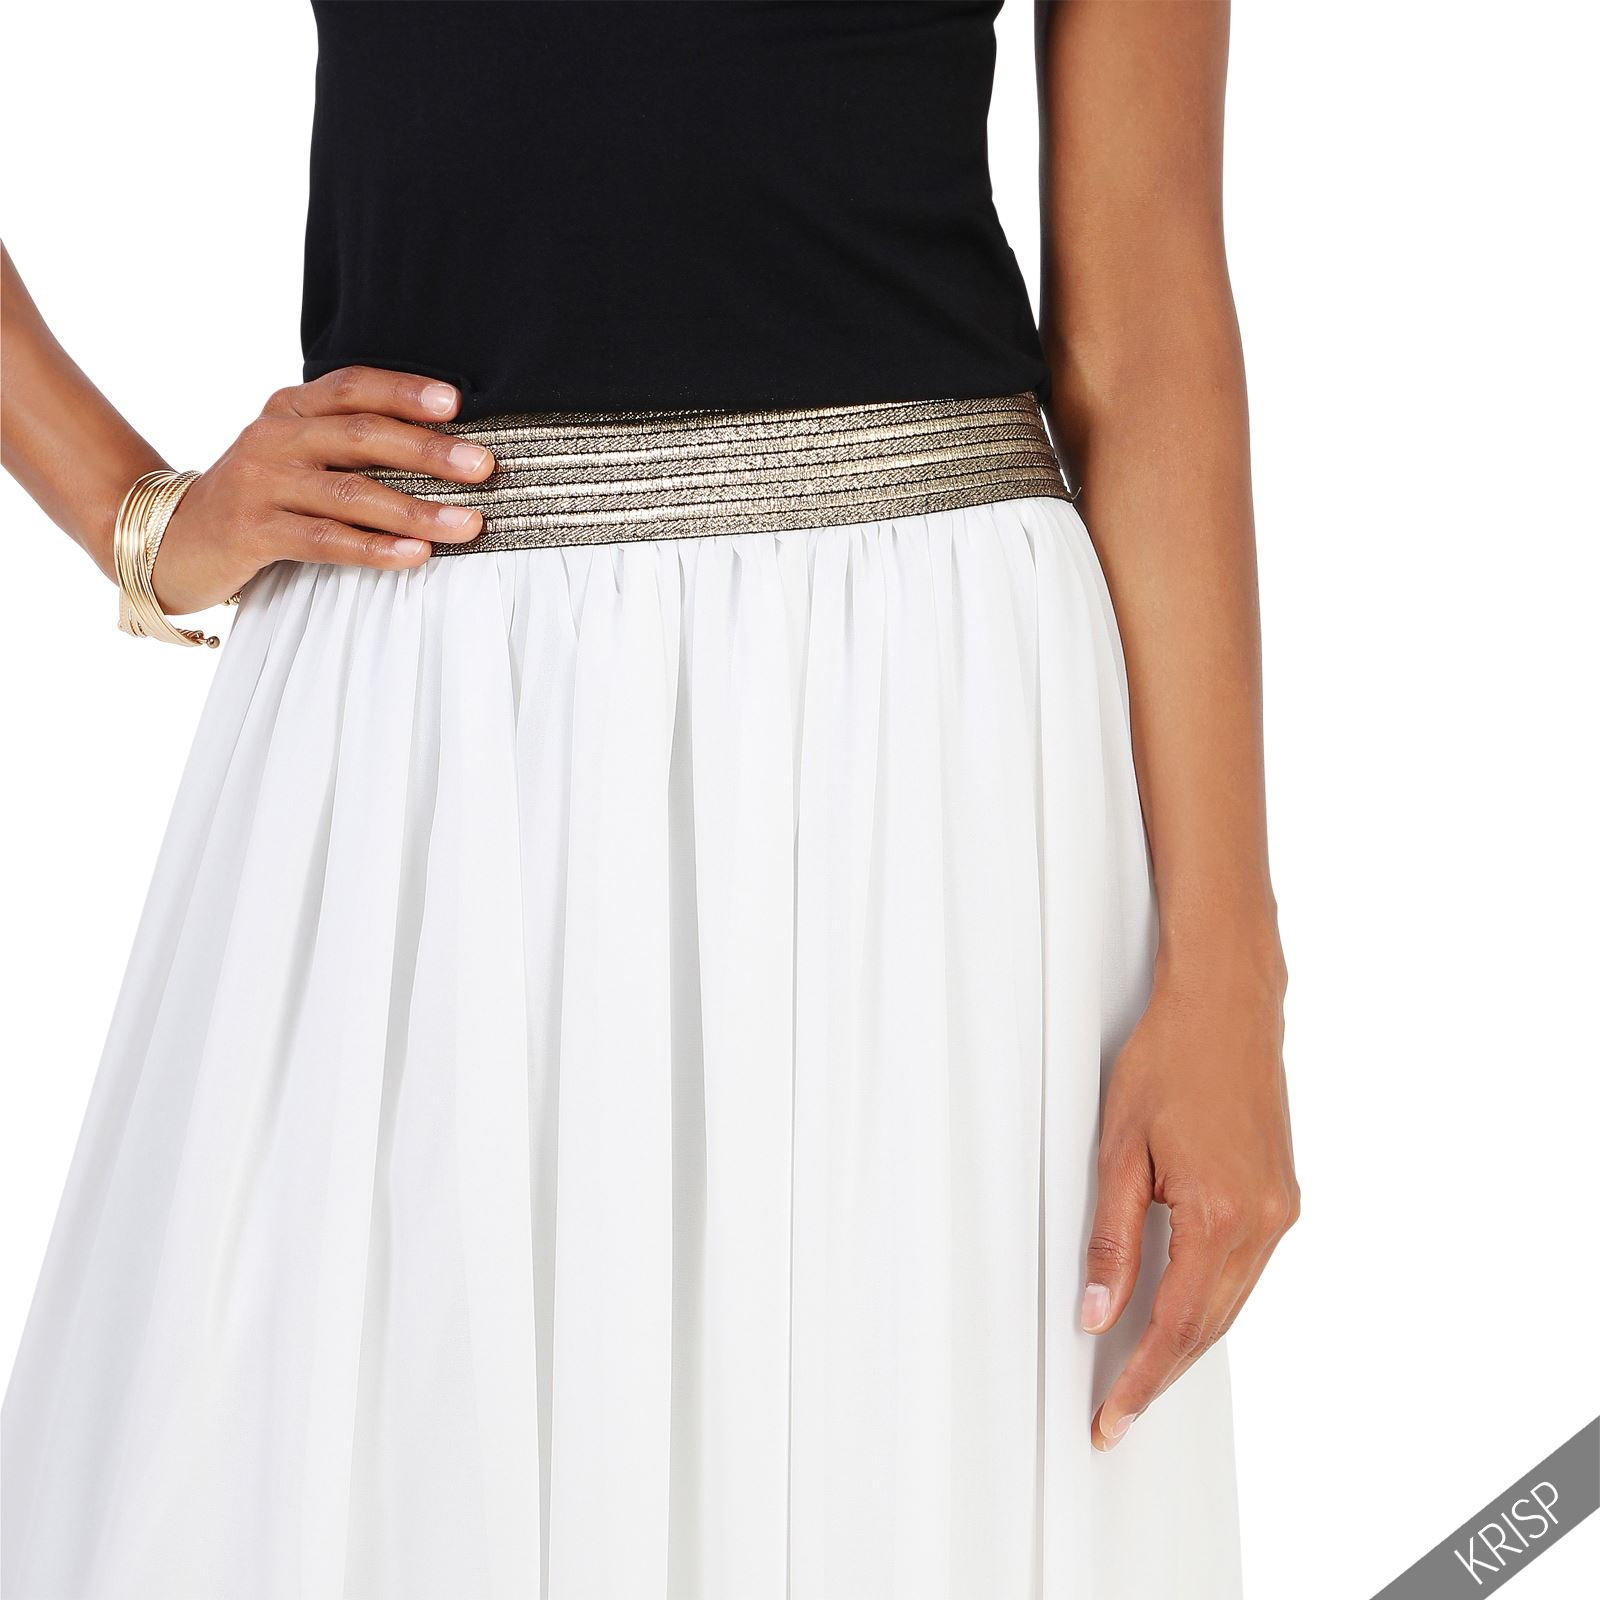 femme jupe longue mousseline pliss e taille elastique nouveau et ebay. Black Bedroom Furniture Sets. Home Design Ideas